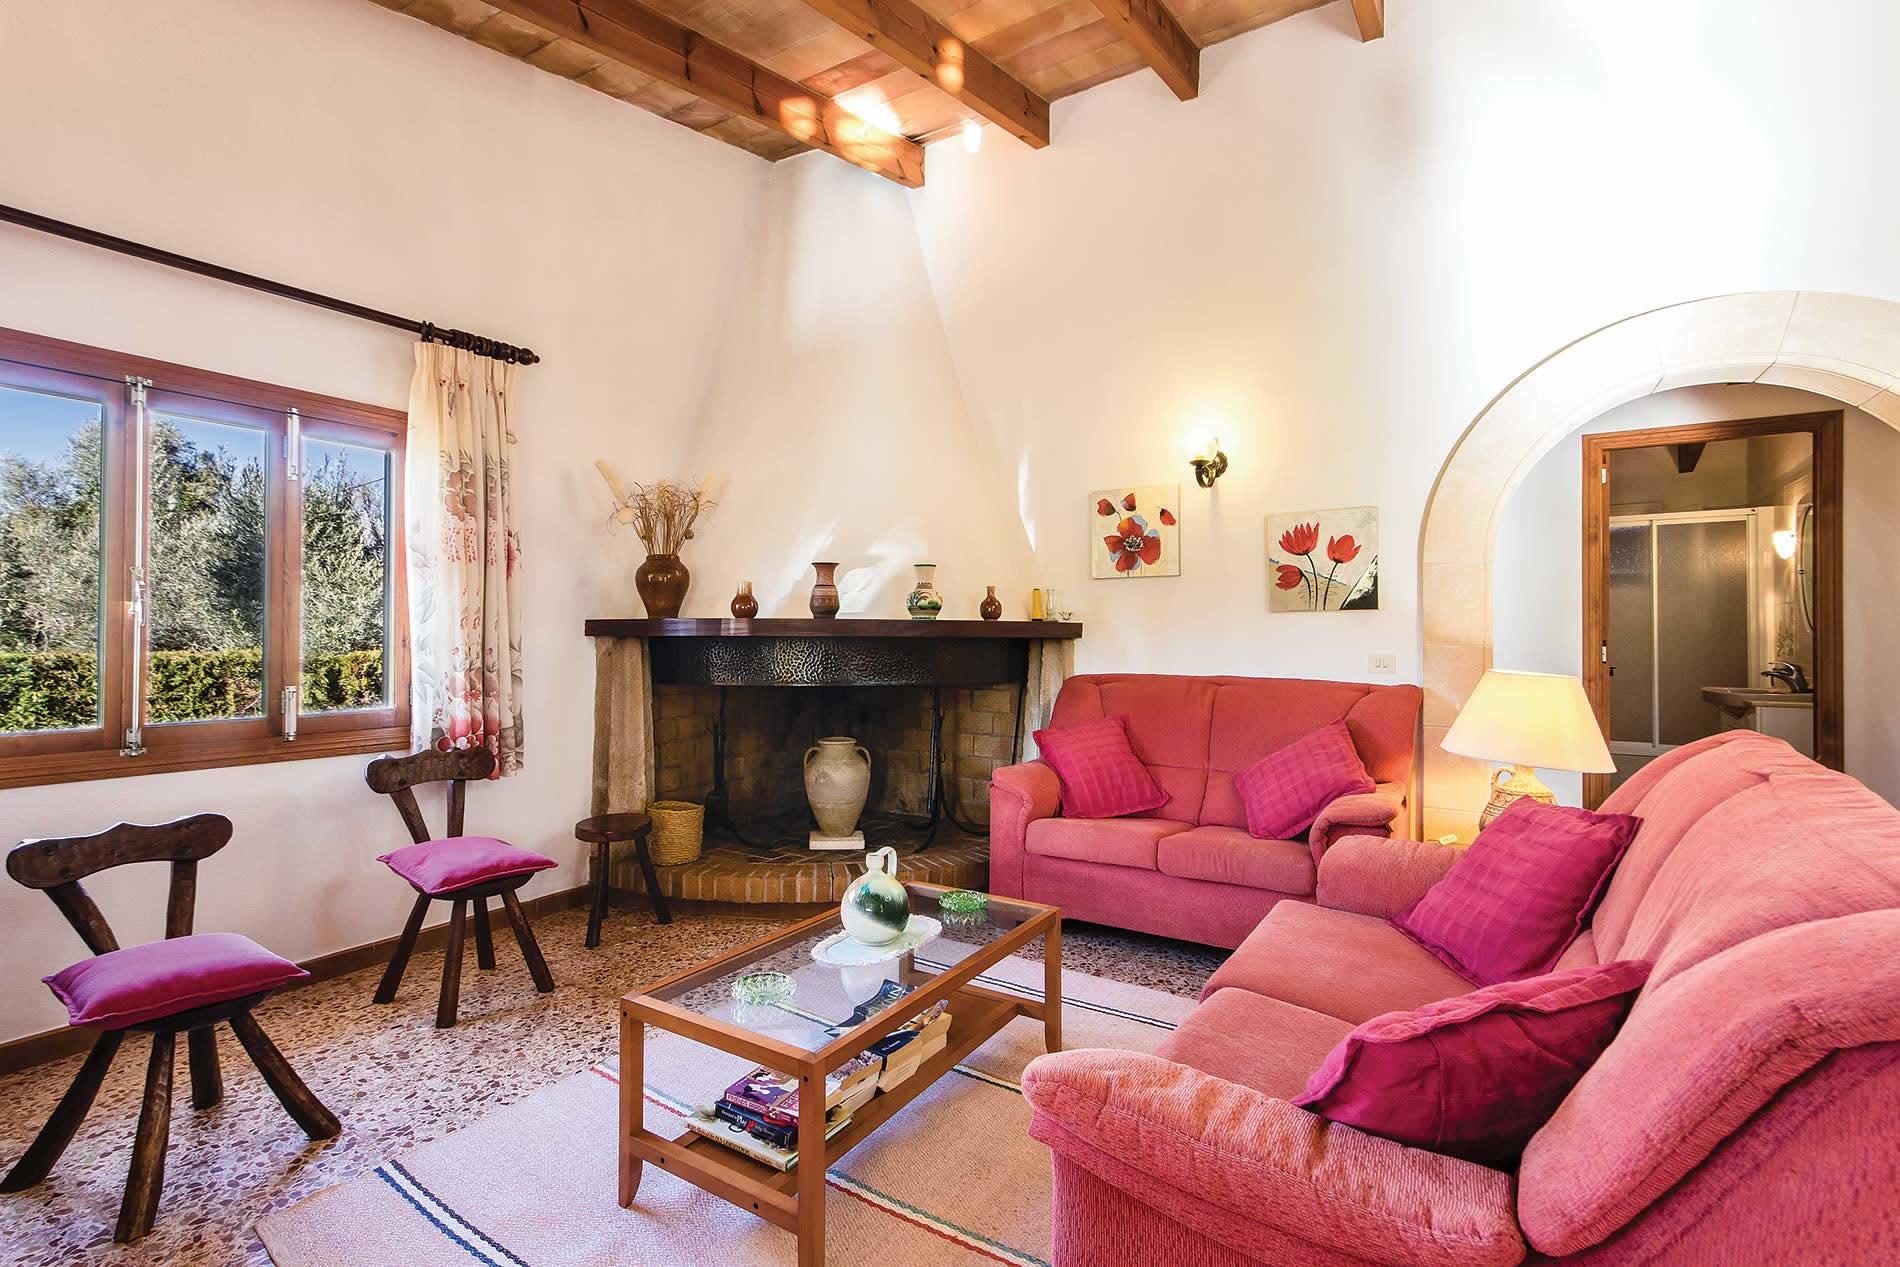 Villa Moreno in Pollensa - sleeps 4 people